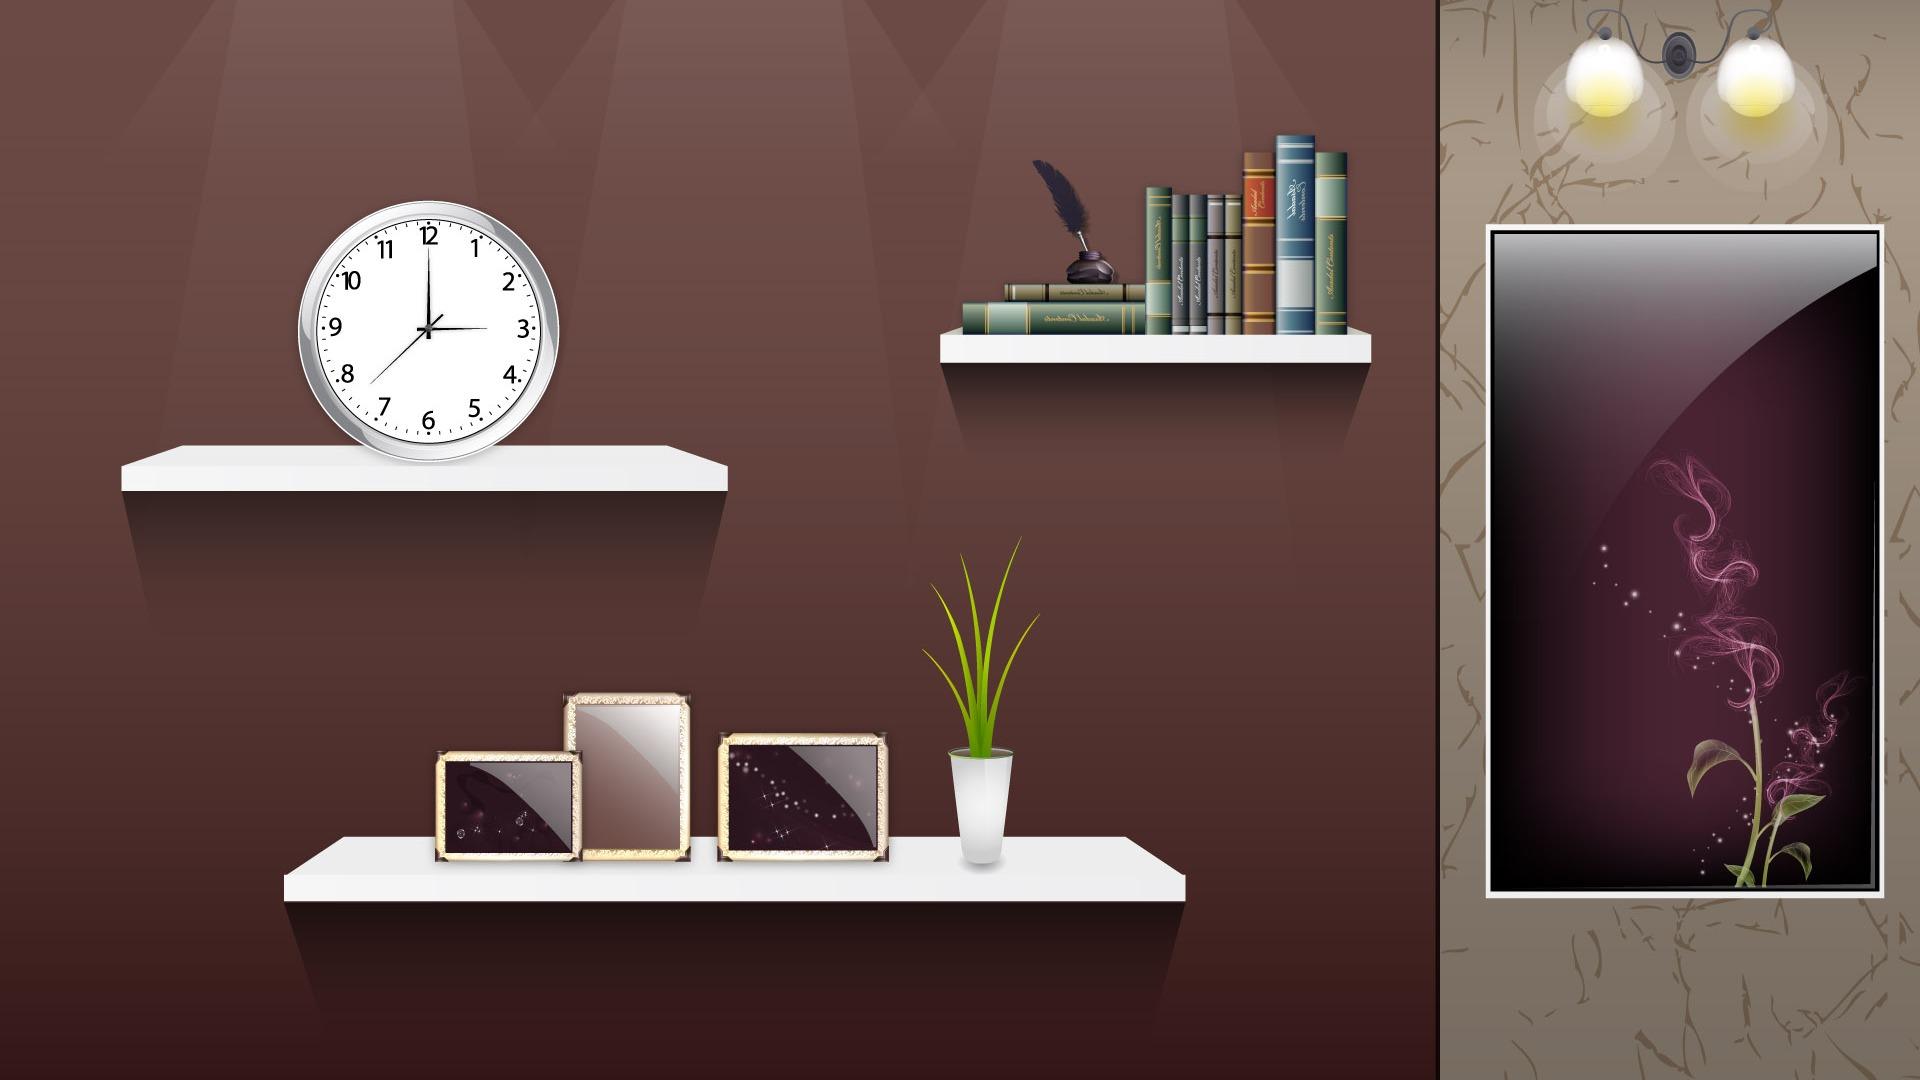 Vector doma tapety (4) #3 - 1920x1080 wallpaper ke stazeni -.